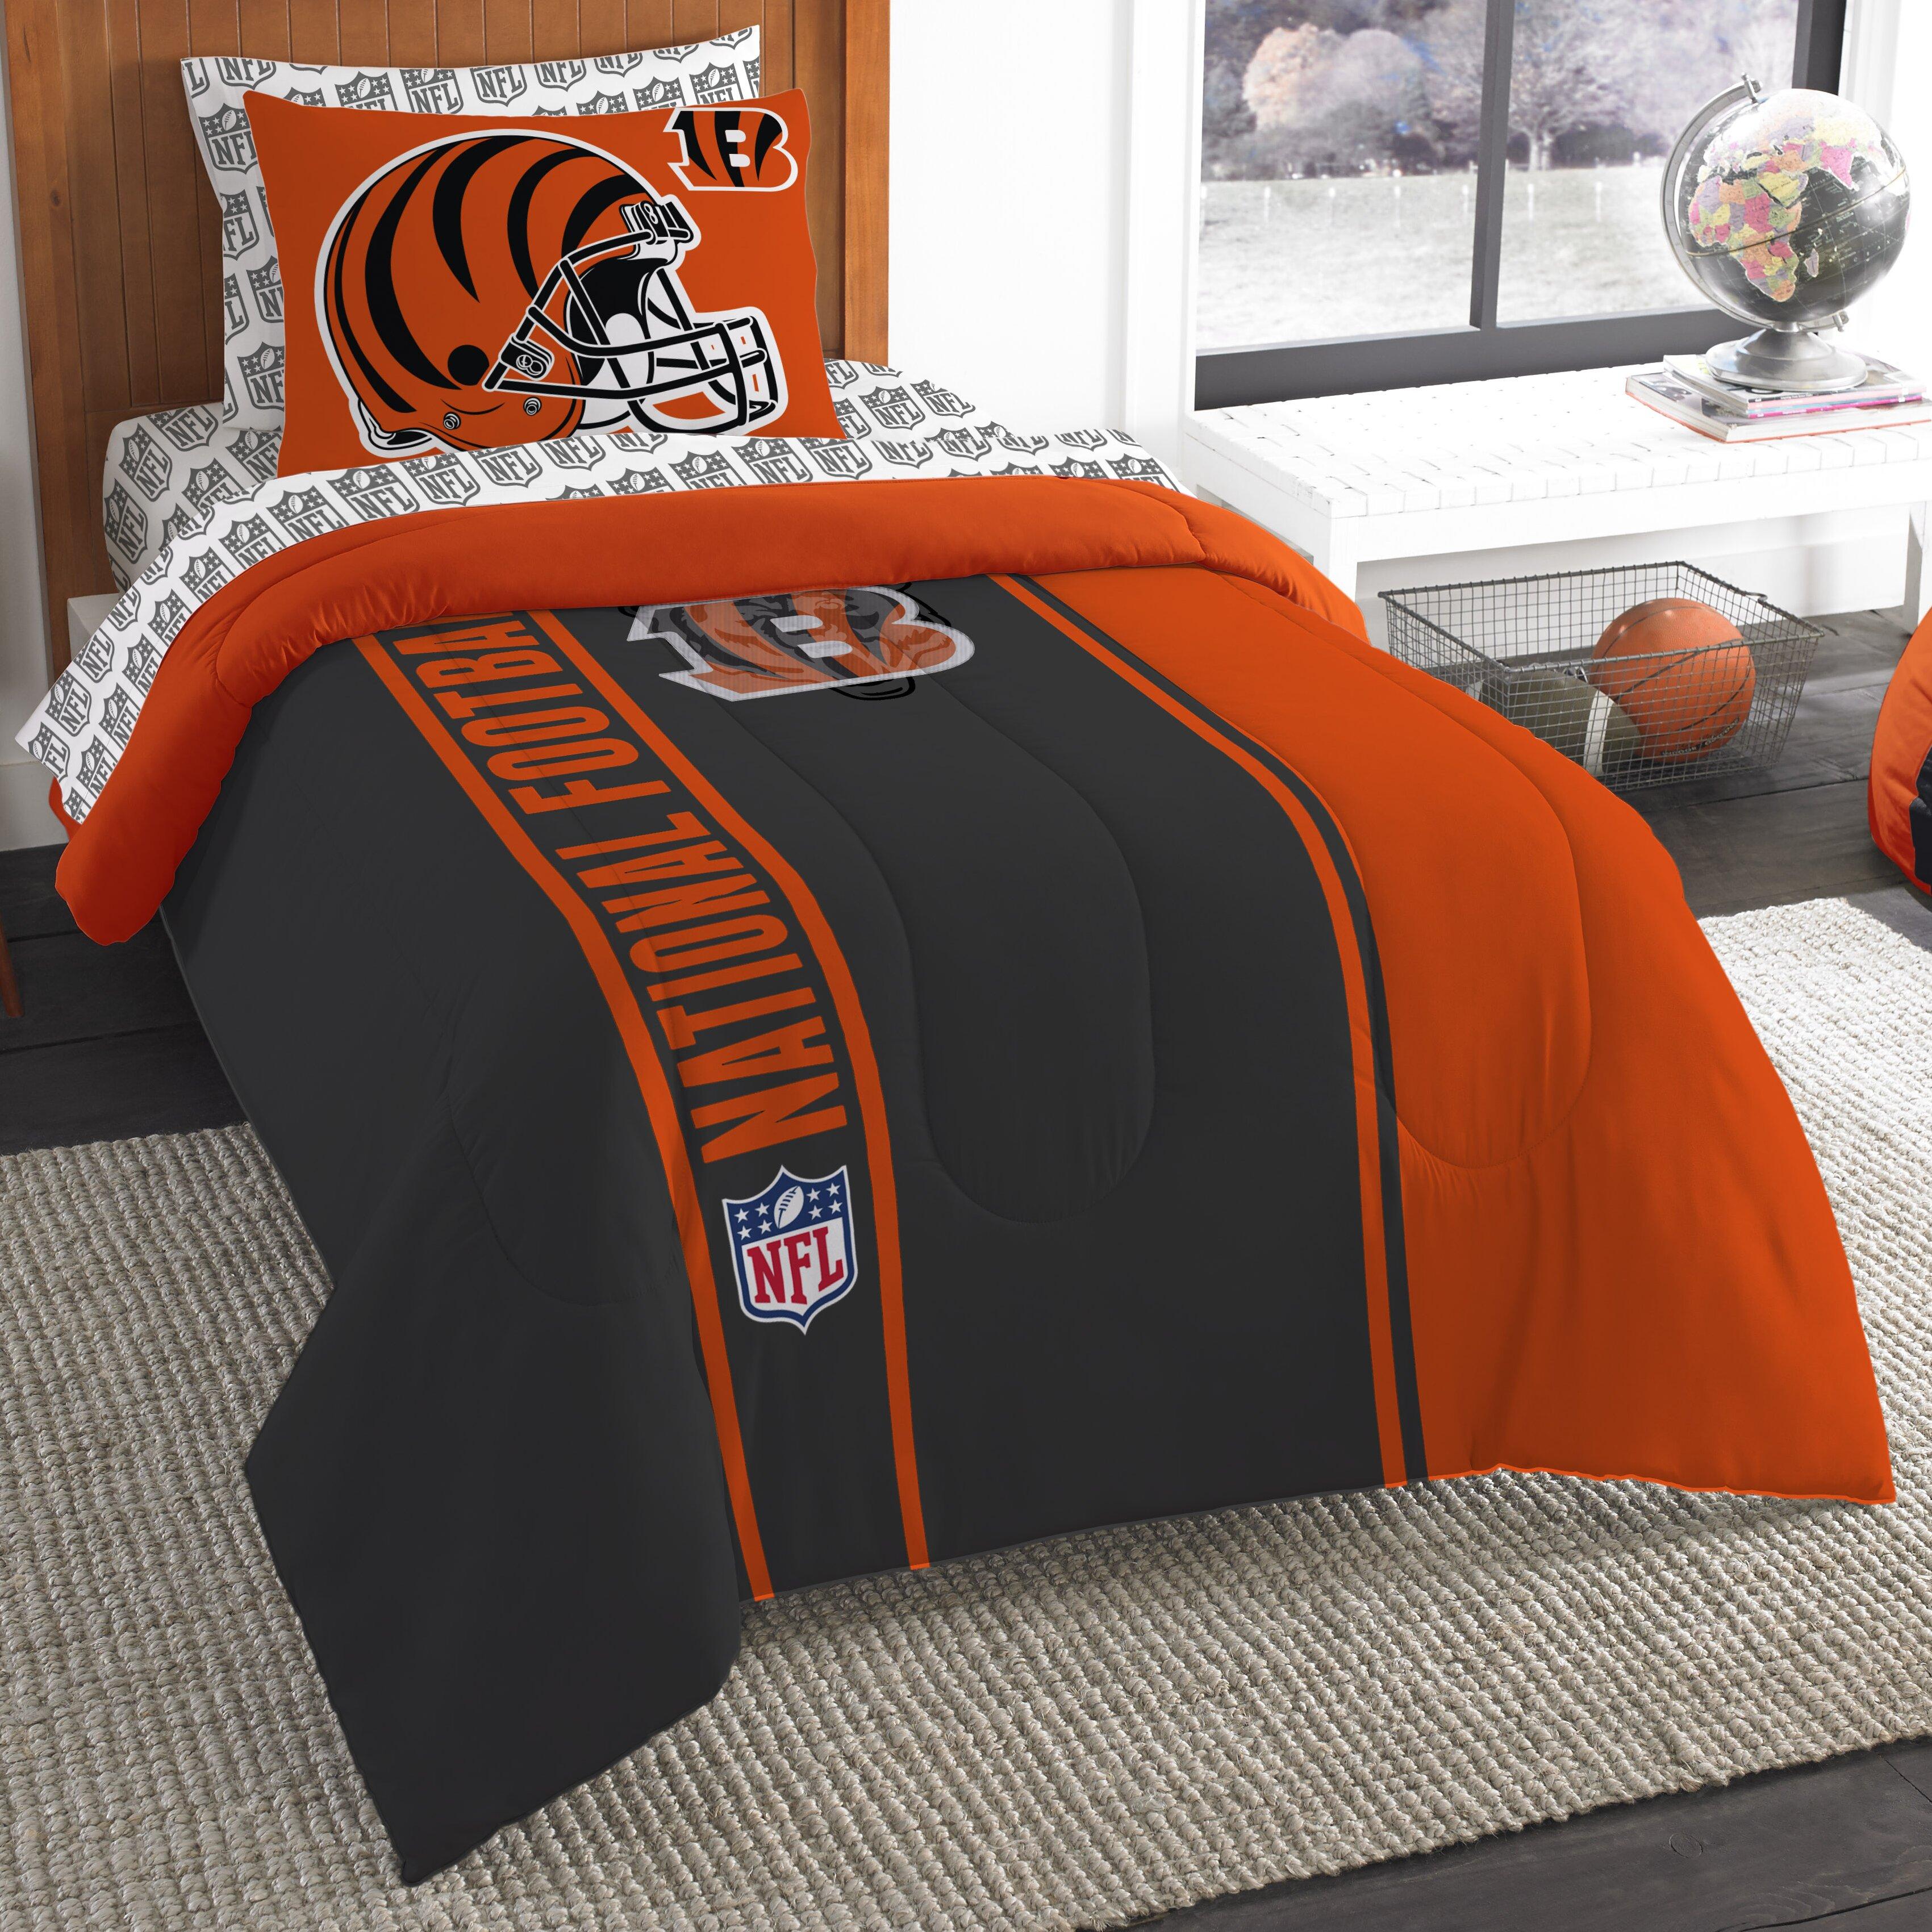 Bengals bedding northwest co nfl bengals comforter set wayfair for Bengals bedroom ideas